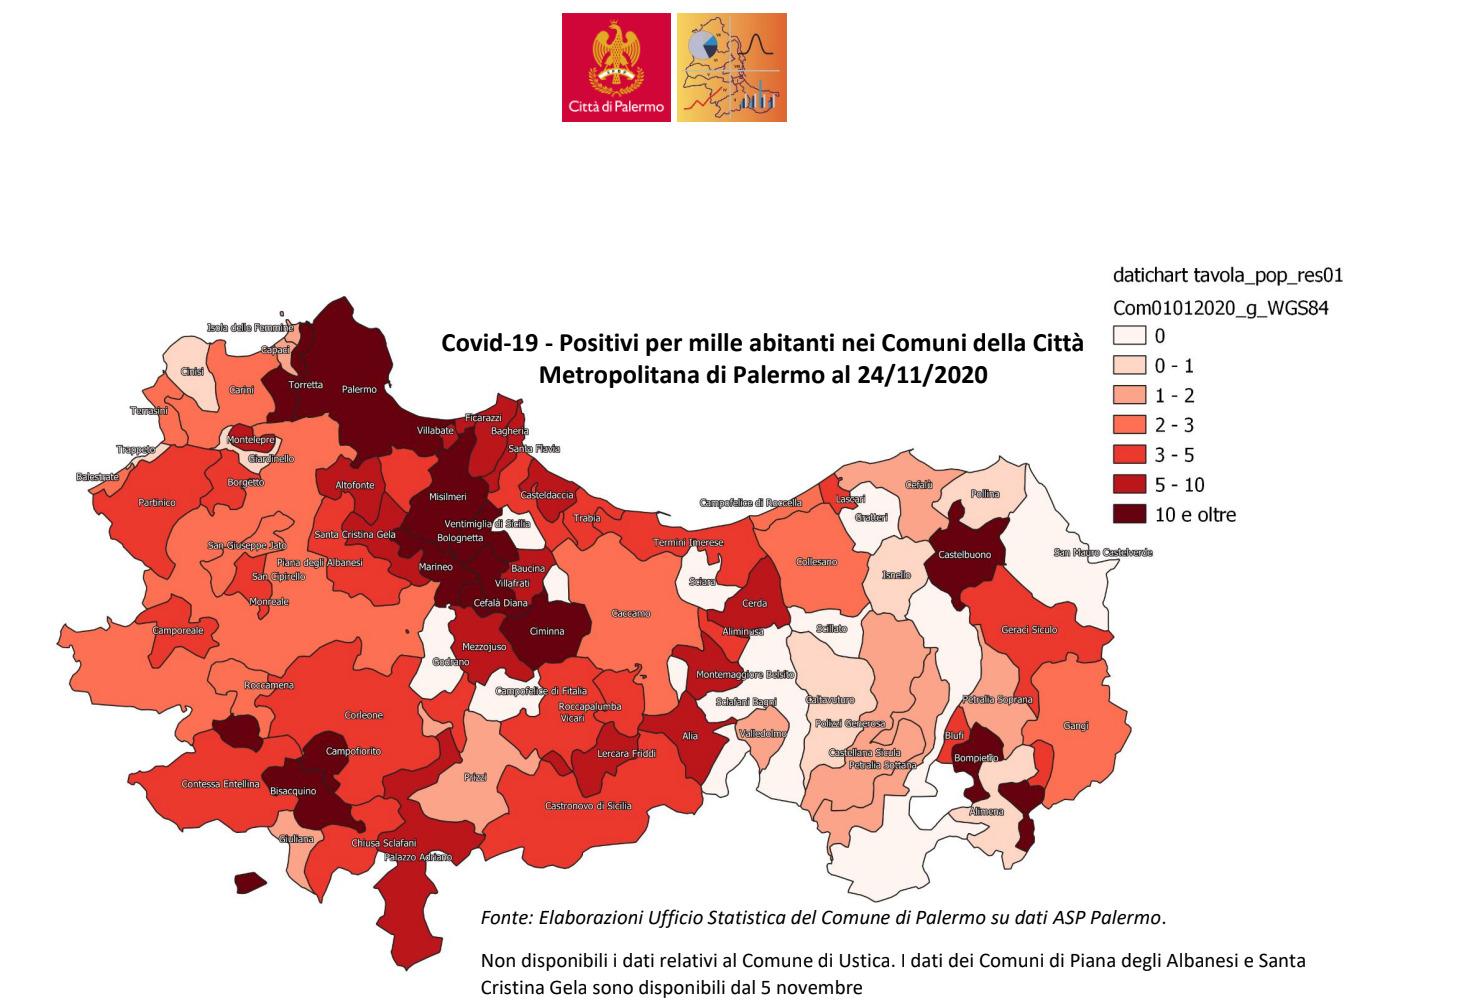 Coronavirus, a Palermo e provincia situazione in miglioramento: gli attuali positivi stanno diminuendo